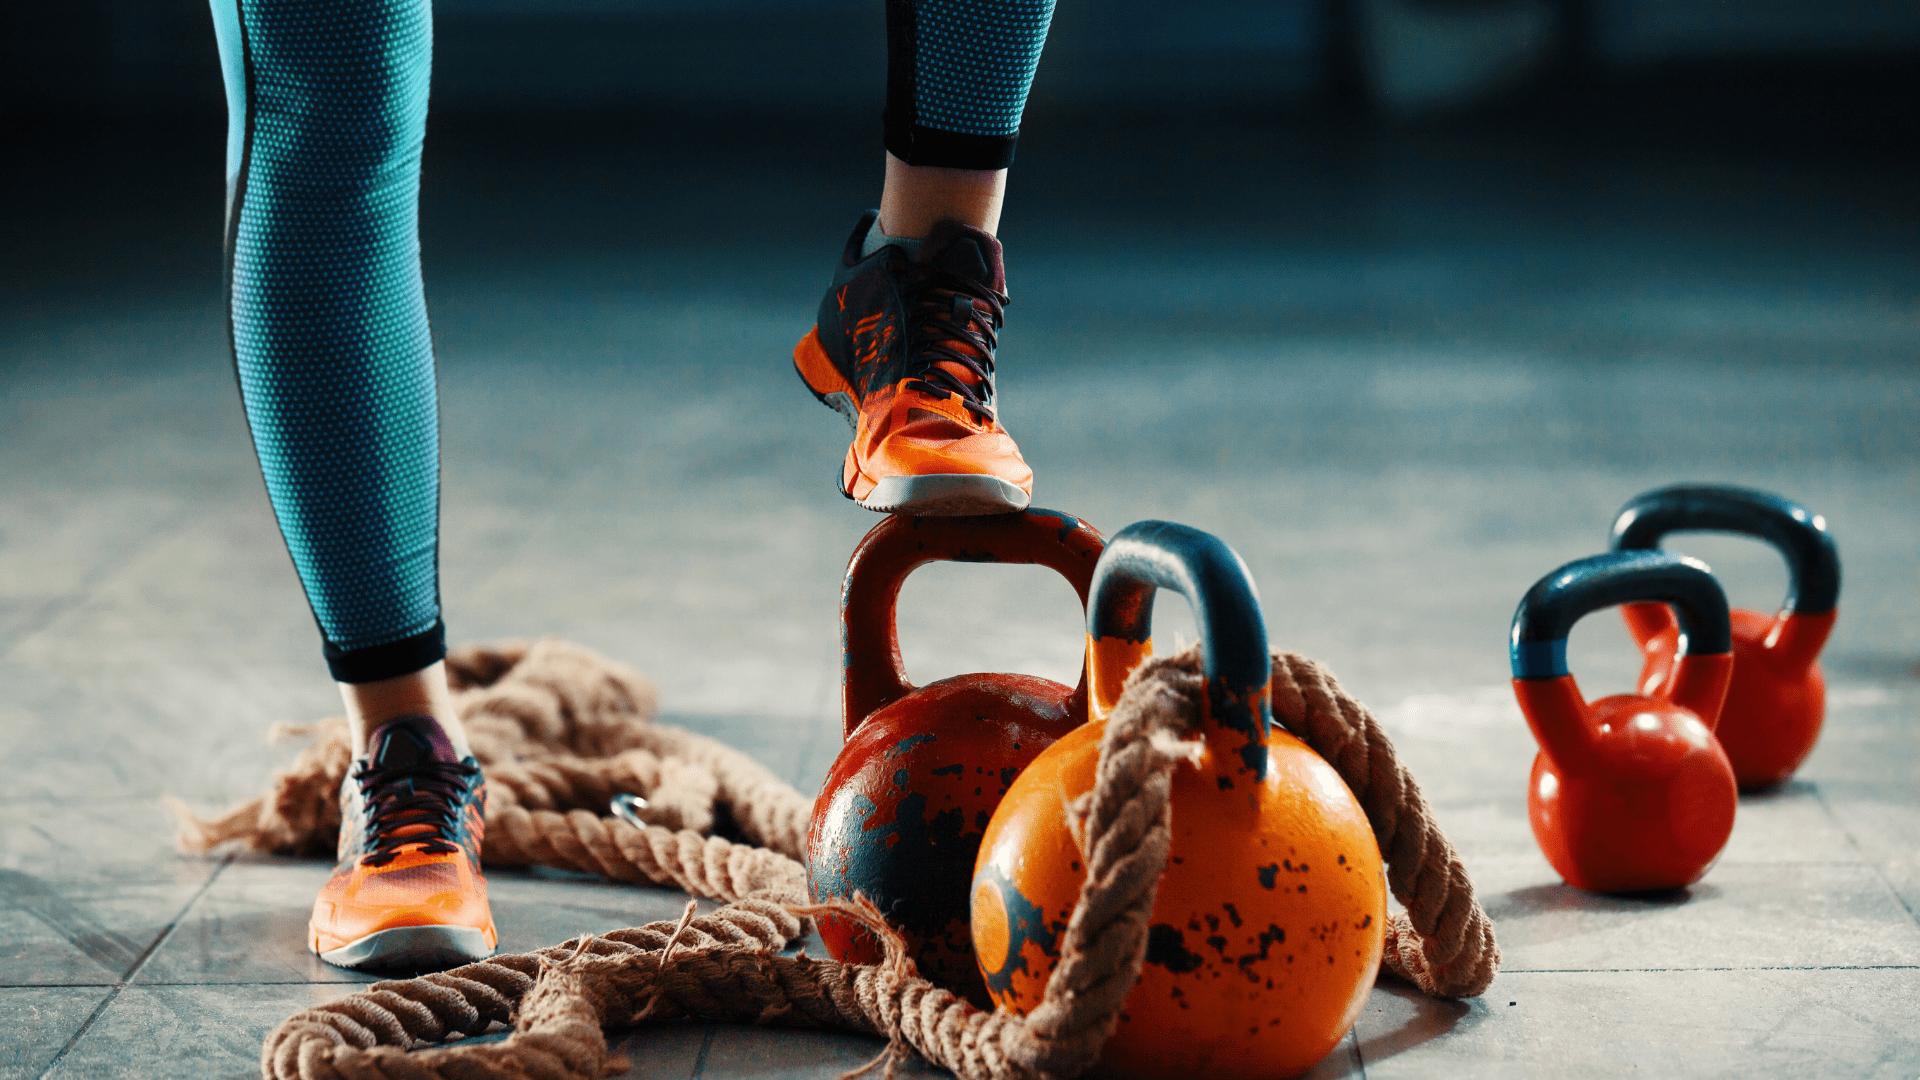 disciplina nos treinos, manter o foco, força de vontade